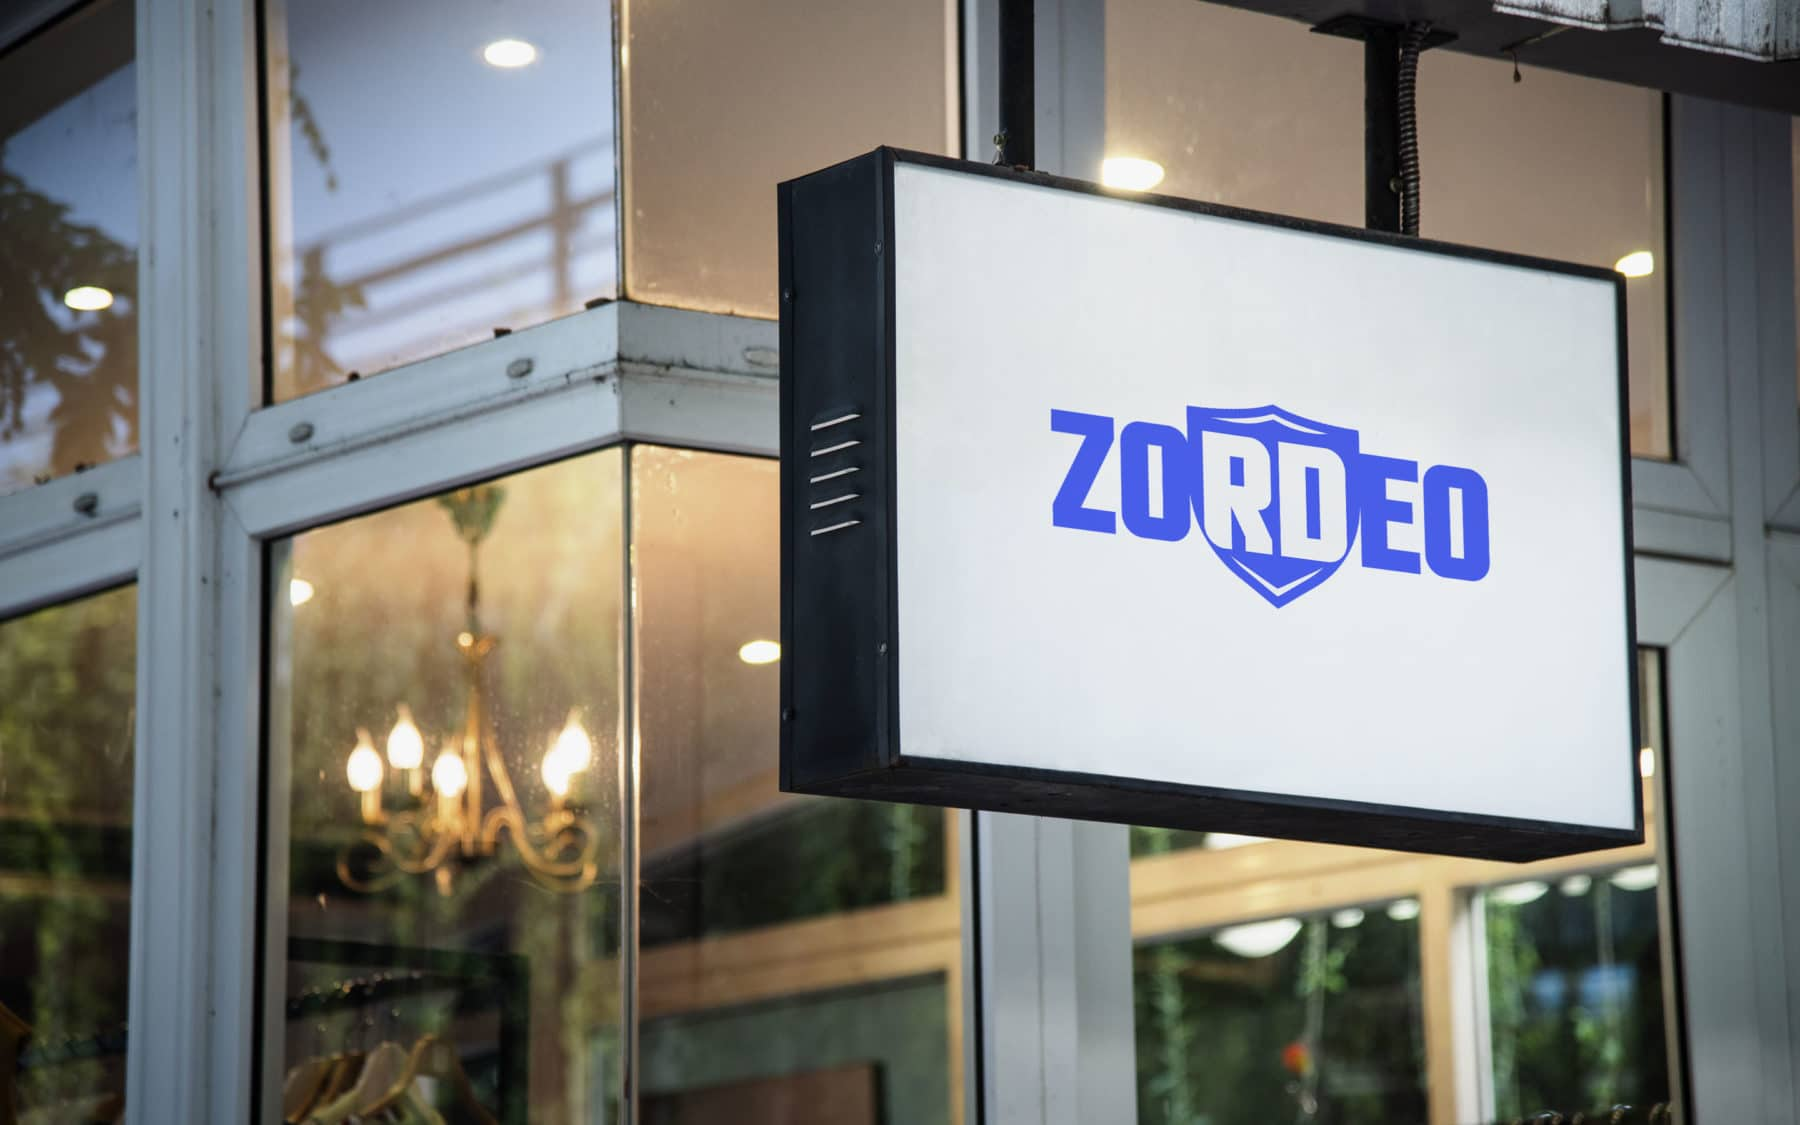 Zordeo 3